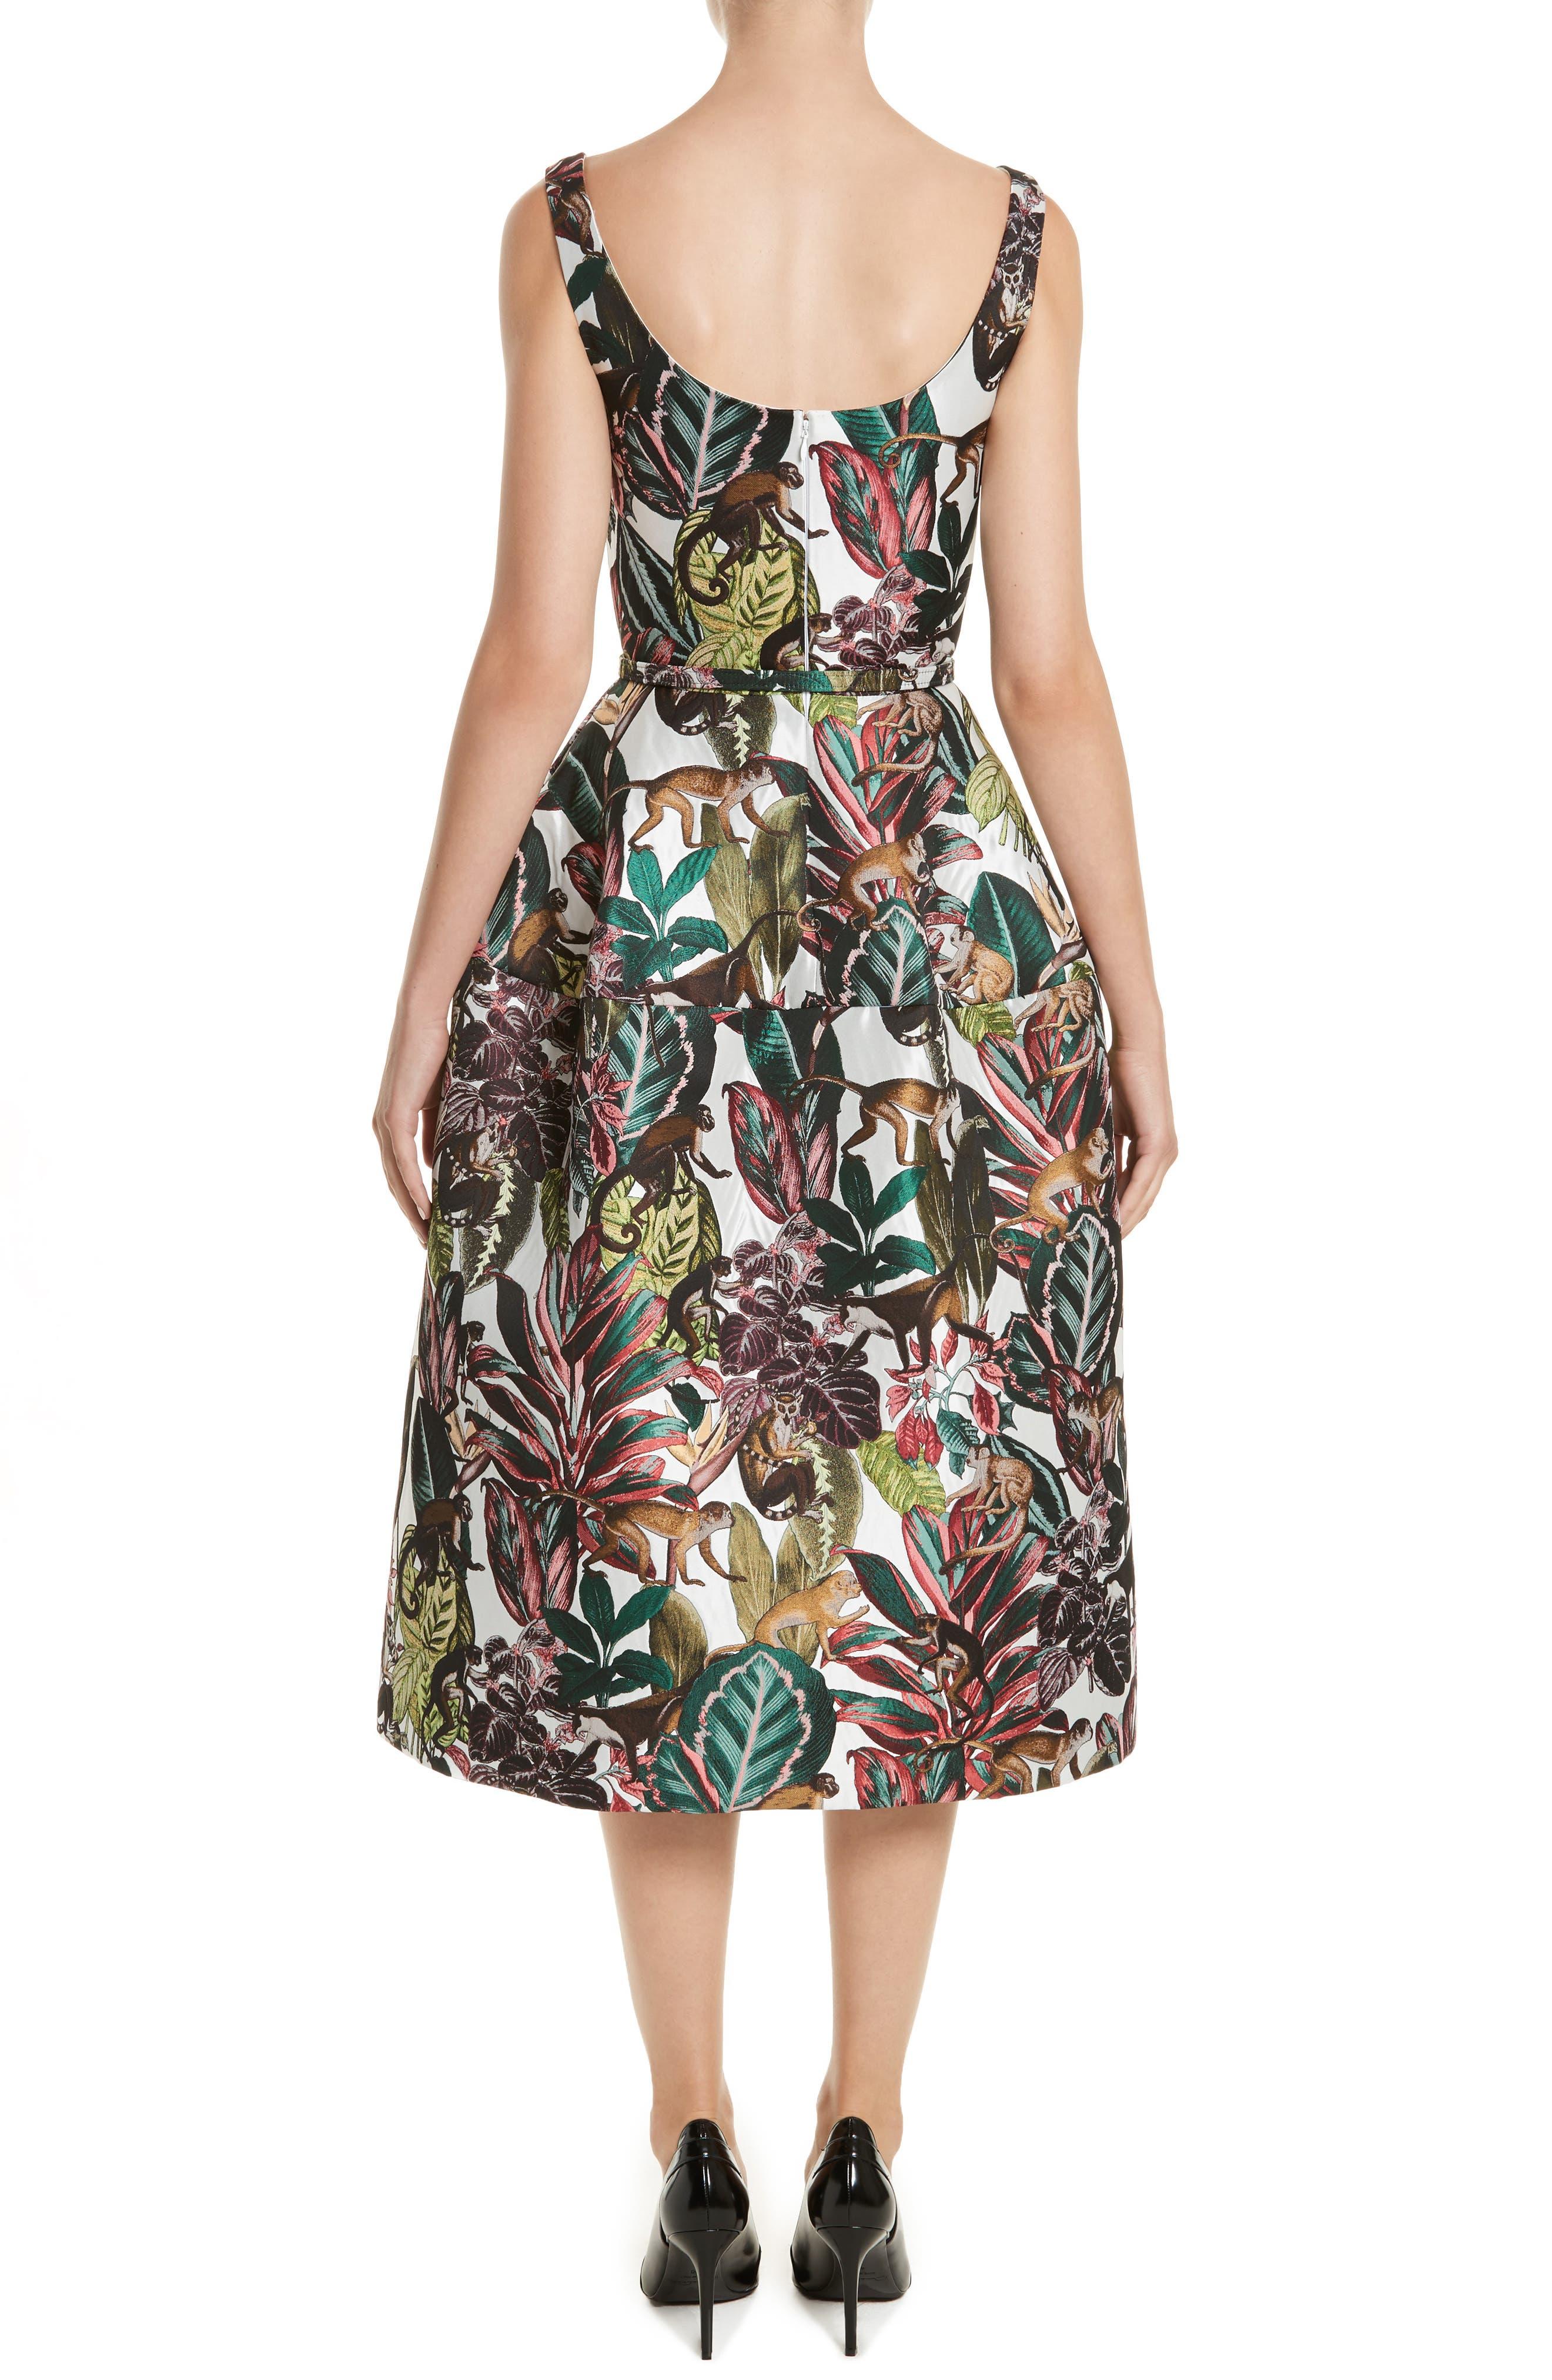 Jungle Jacquard Dress,                             Alternate thumbnail 2, color,                             300